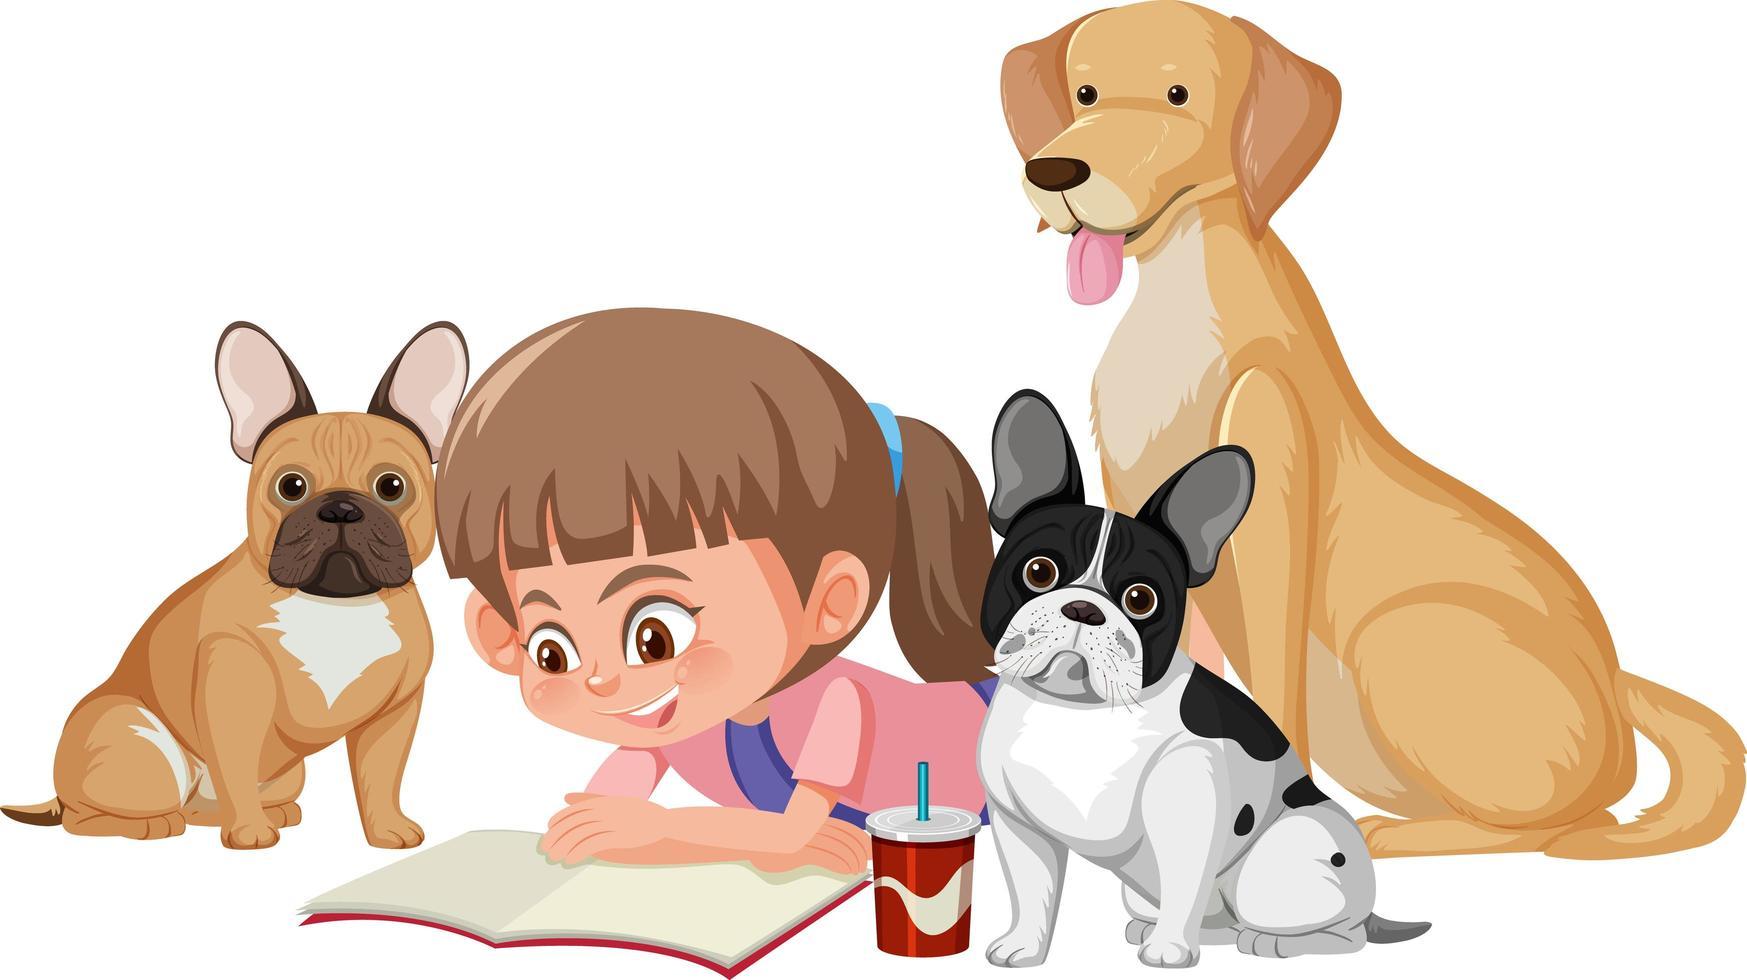 ein Mädchen, das mit niedlichen Hunden auf weißem Hintergrund spielt vektor